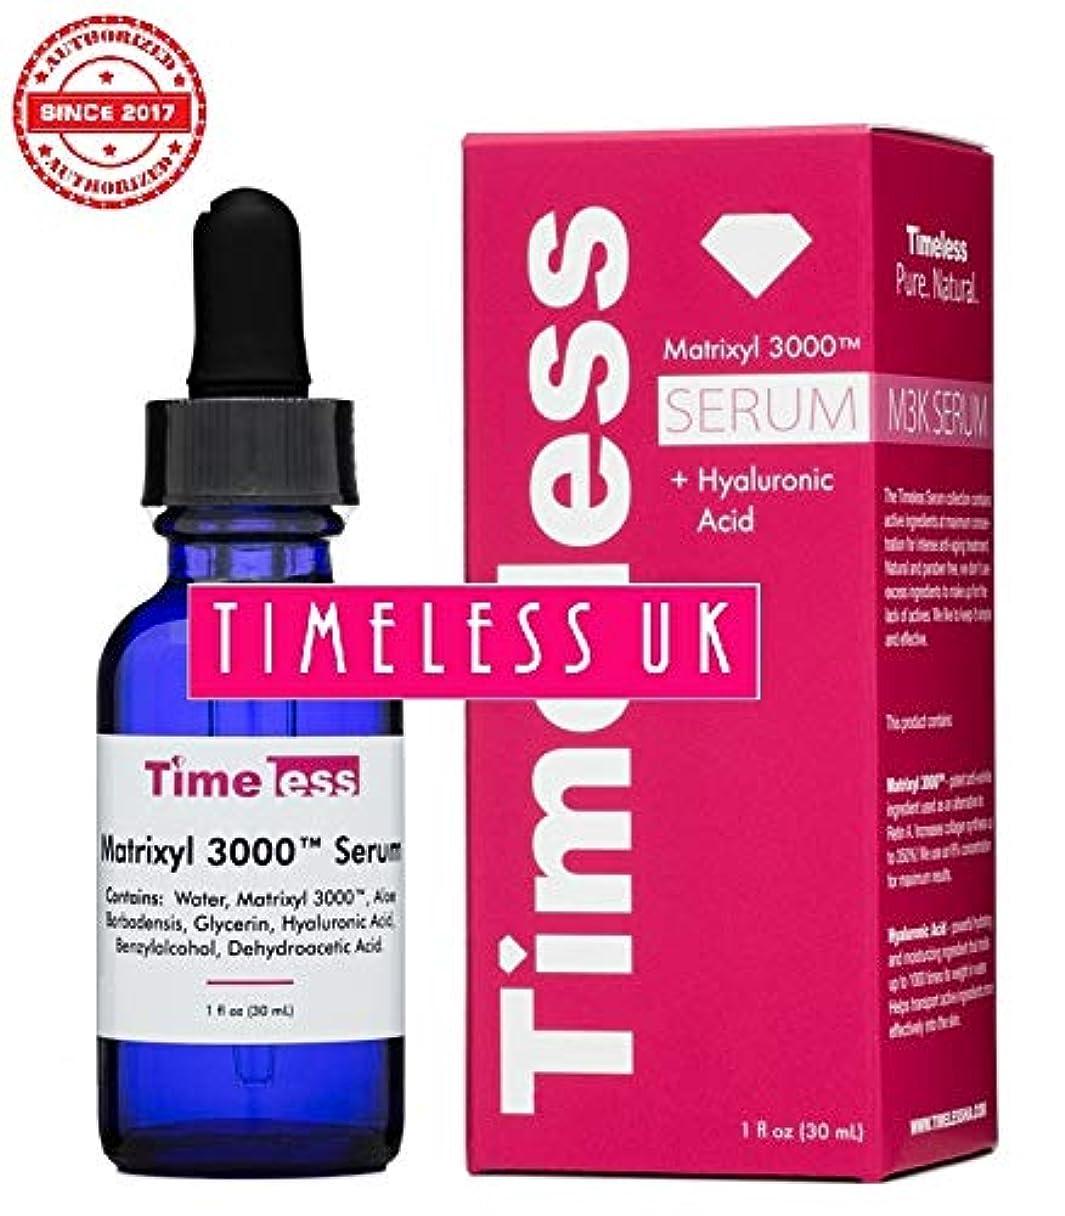 Timeless Skincare マトリキシル 3000 セラム ヒアルロン酸 配合 30ml